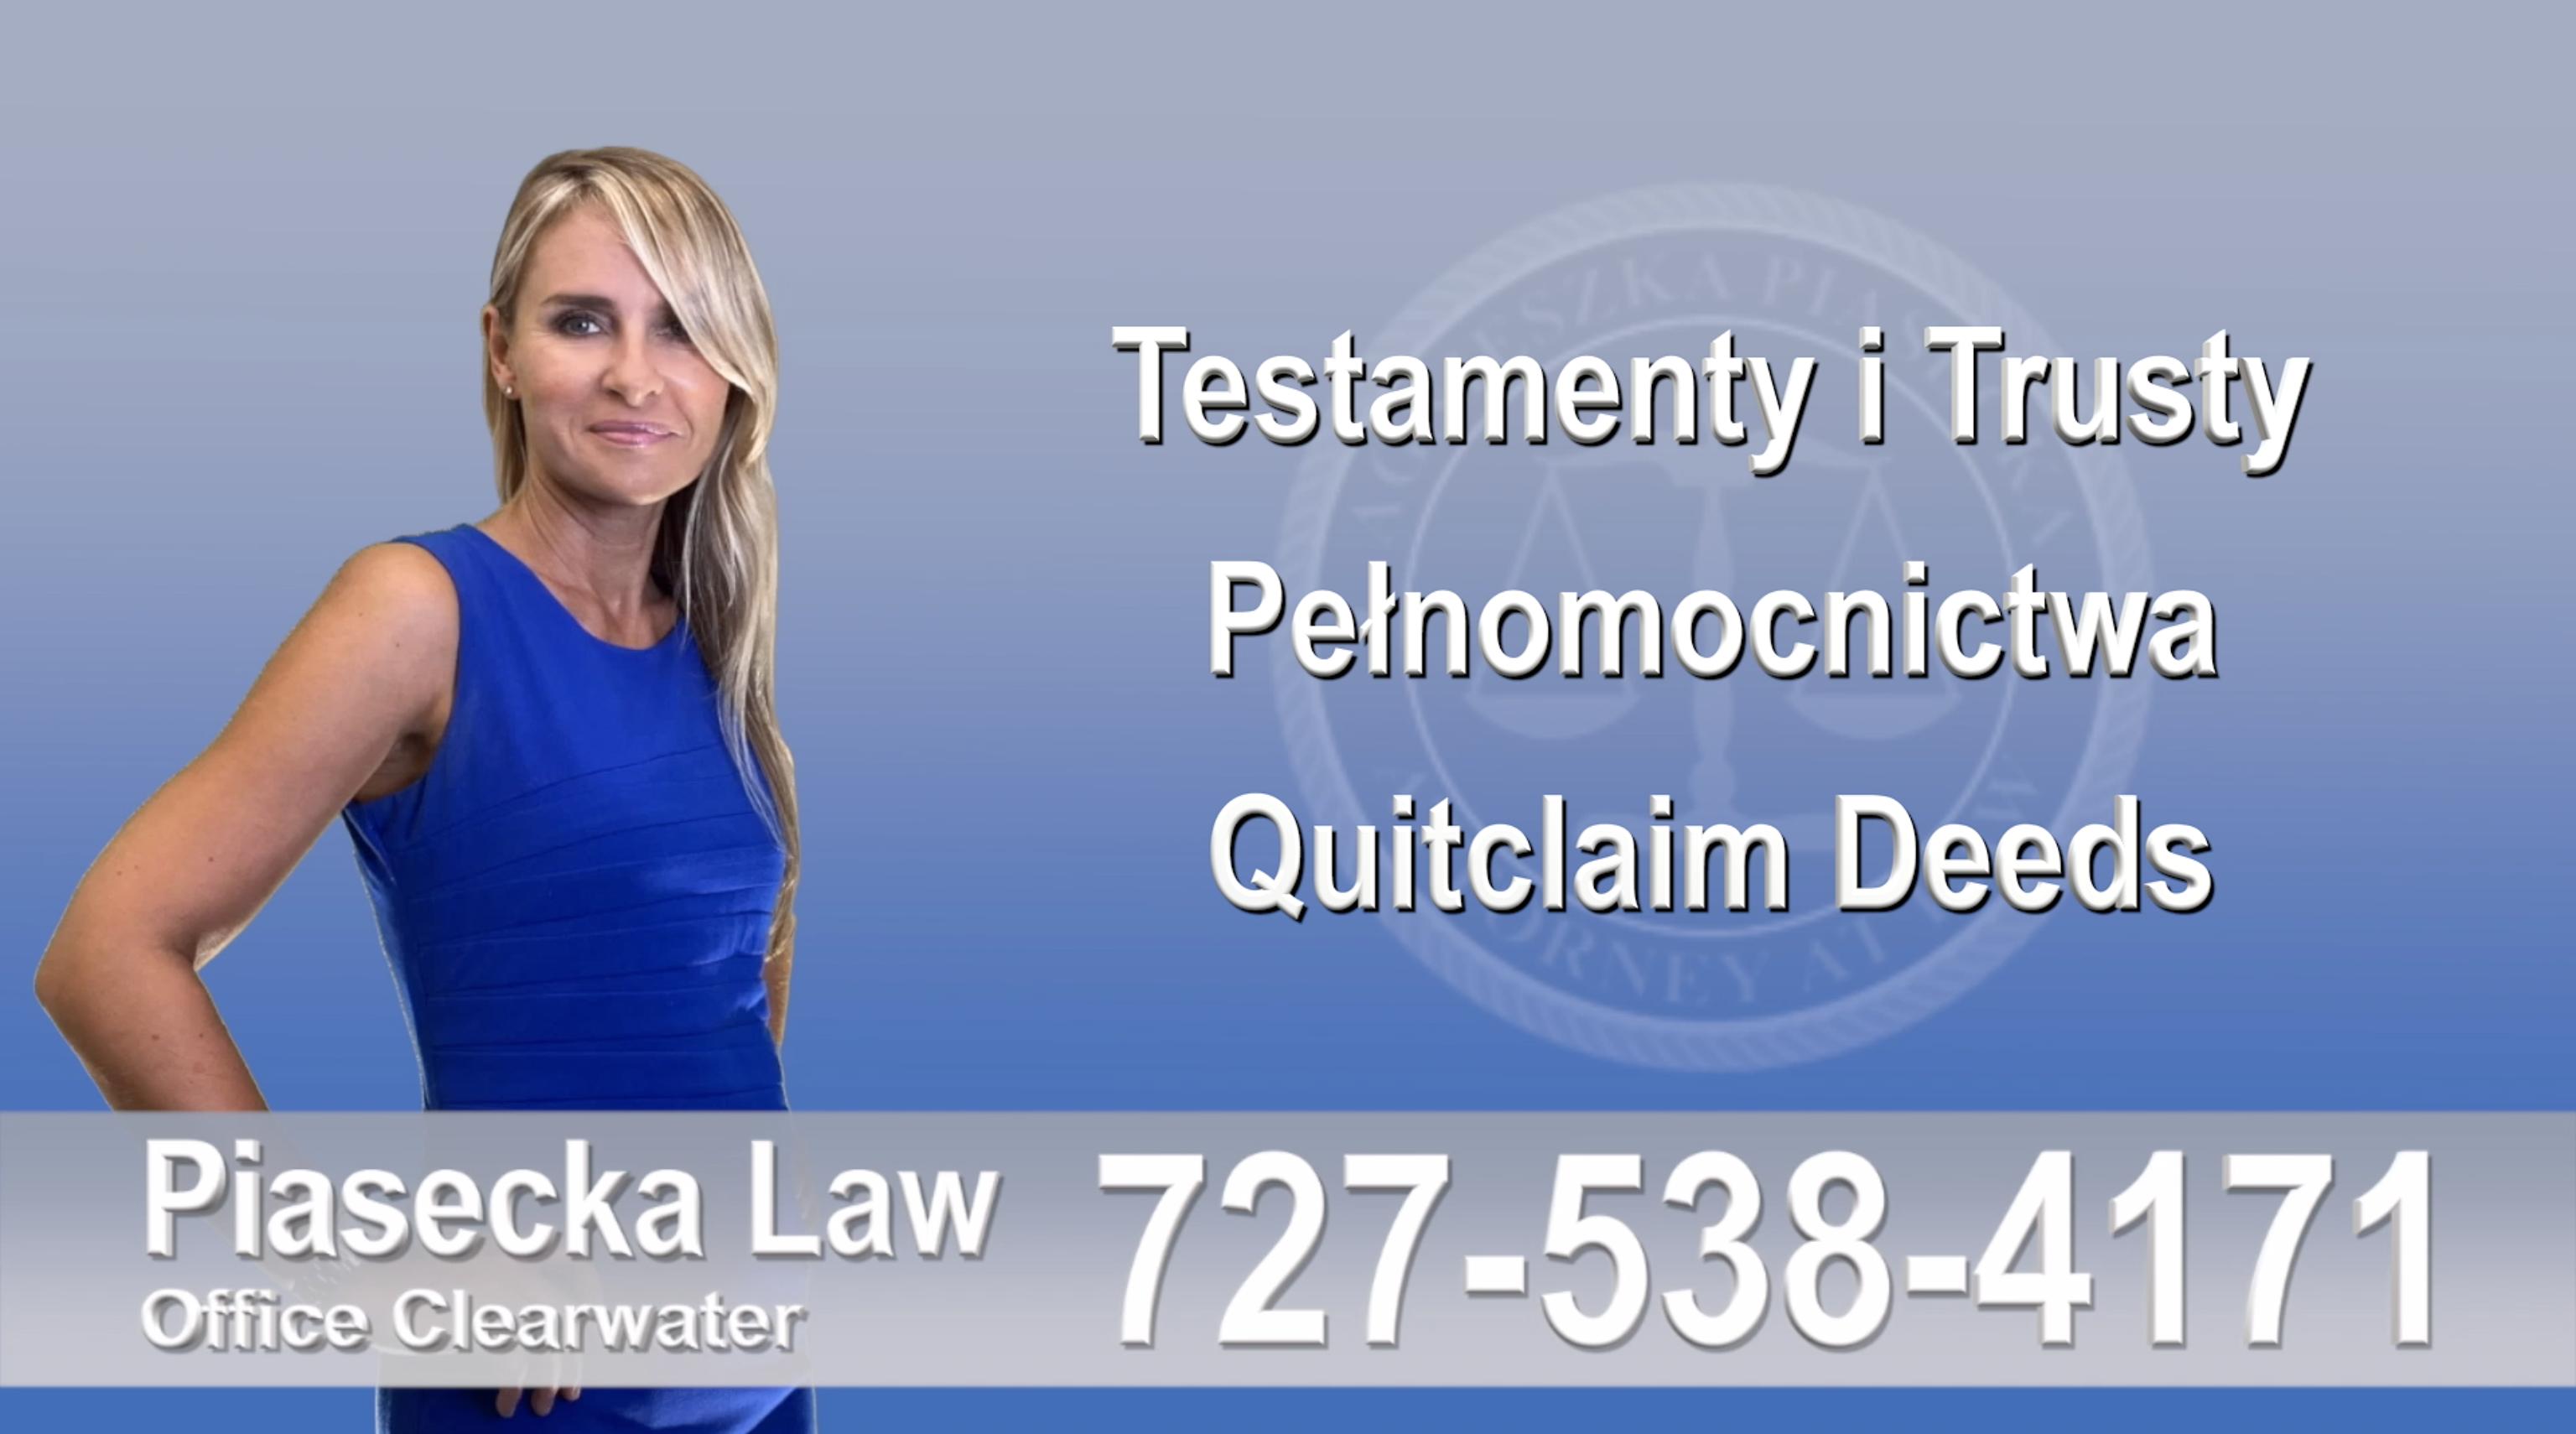 http://www.willsandtrustslawyerclearwater.com/wp-content/uploads/2016/04/Testamenty-i-trusty-pełnomocnictwa-Quitclaim-Deeds.png